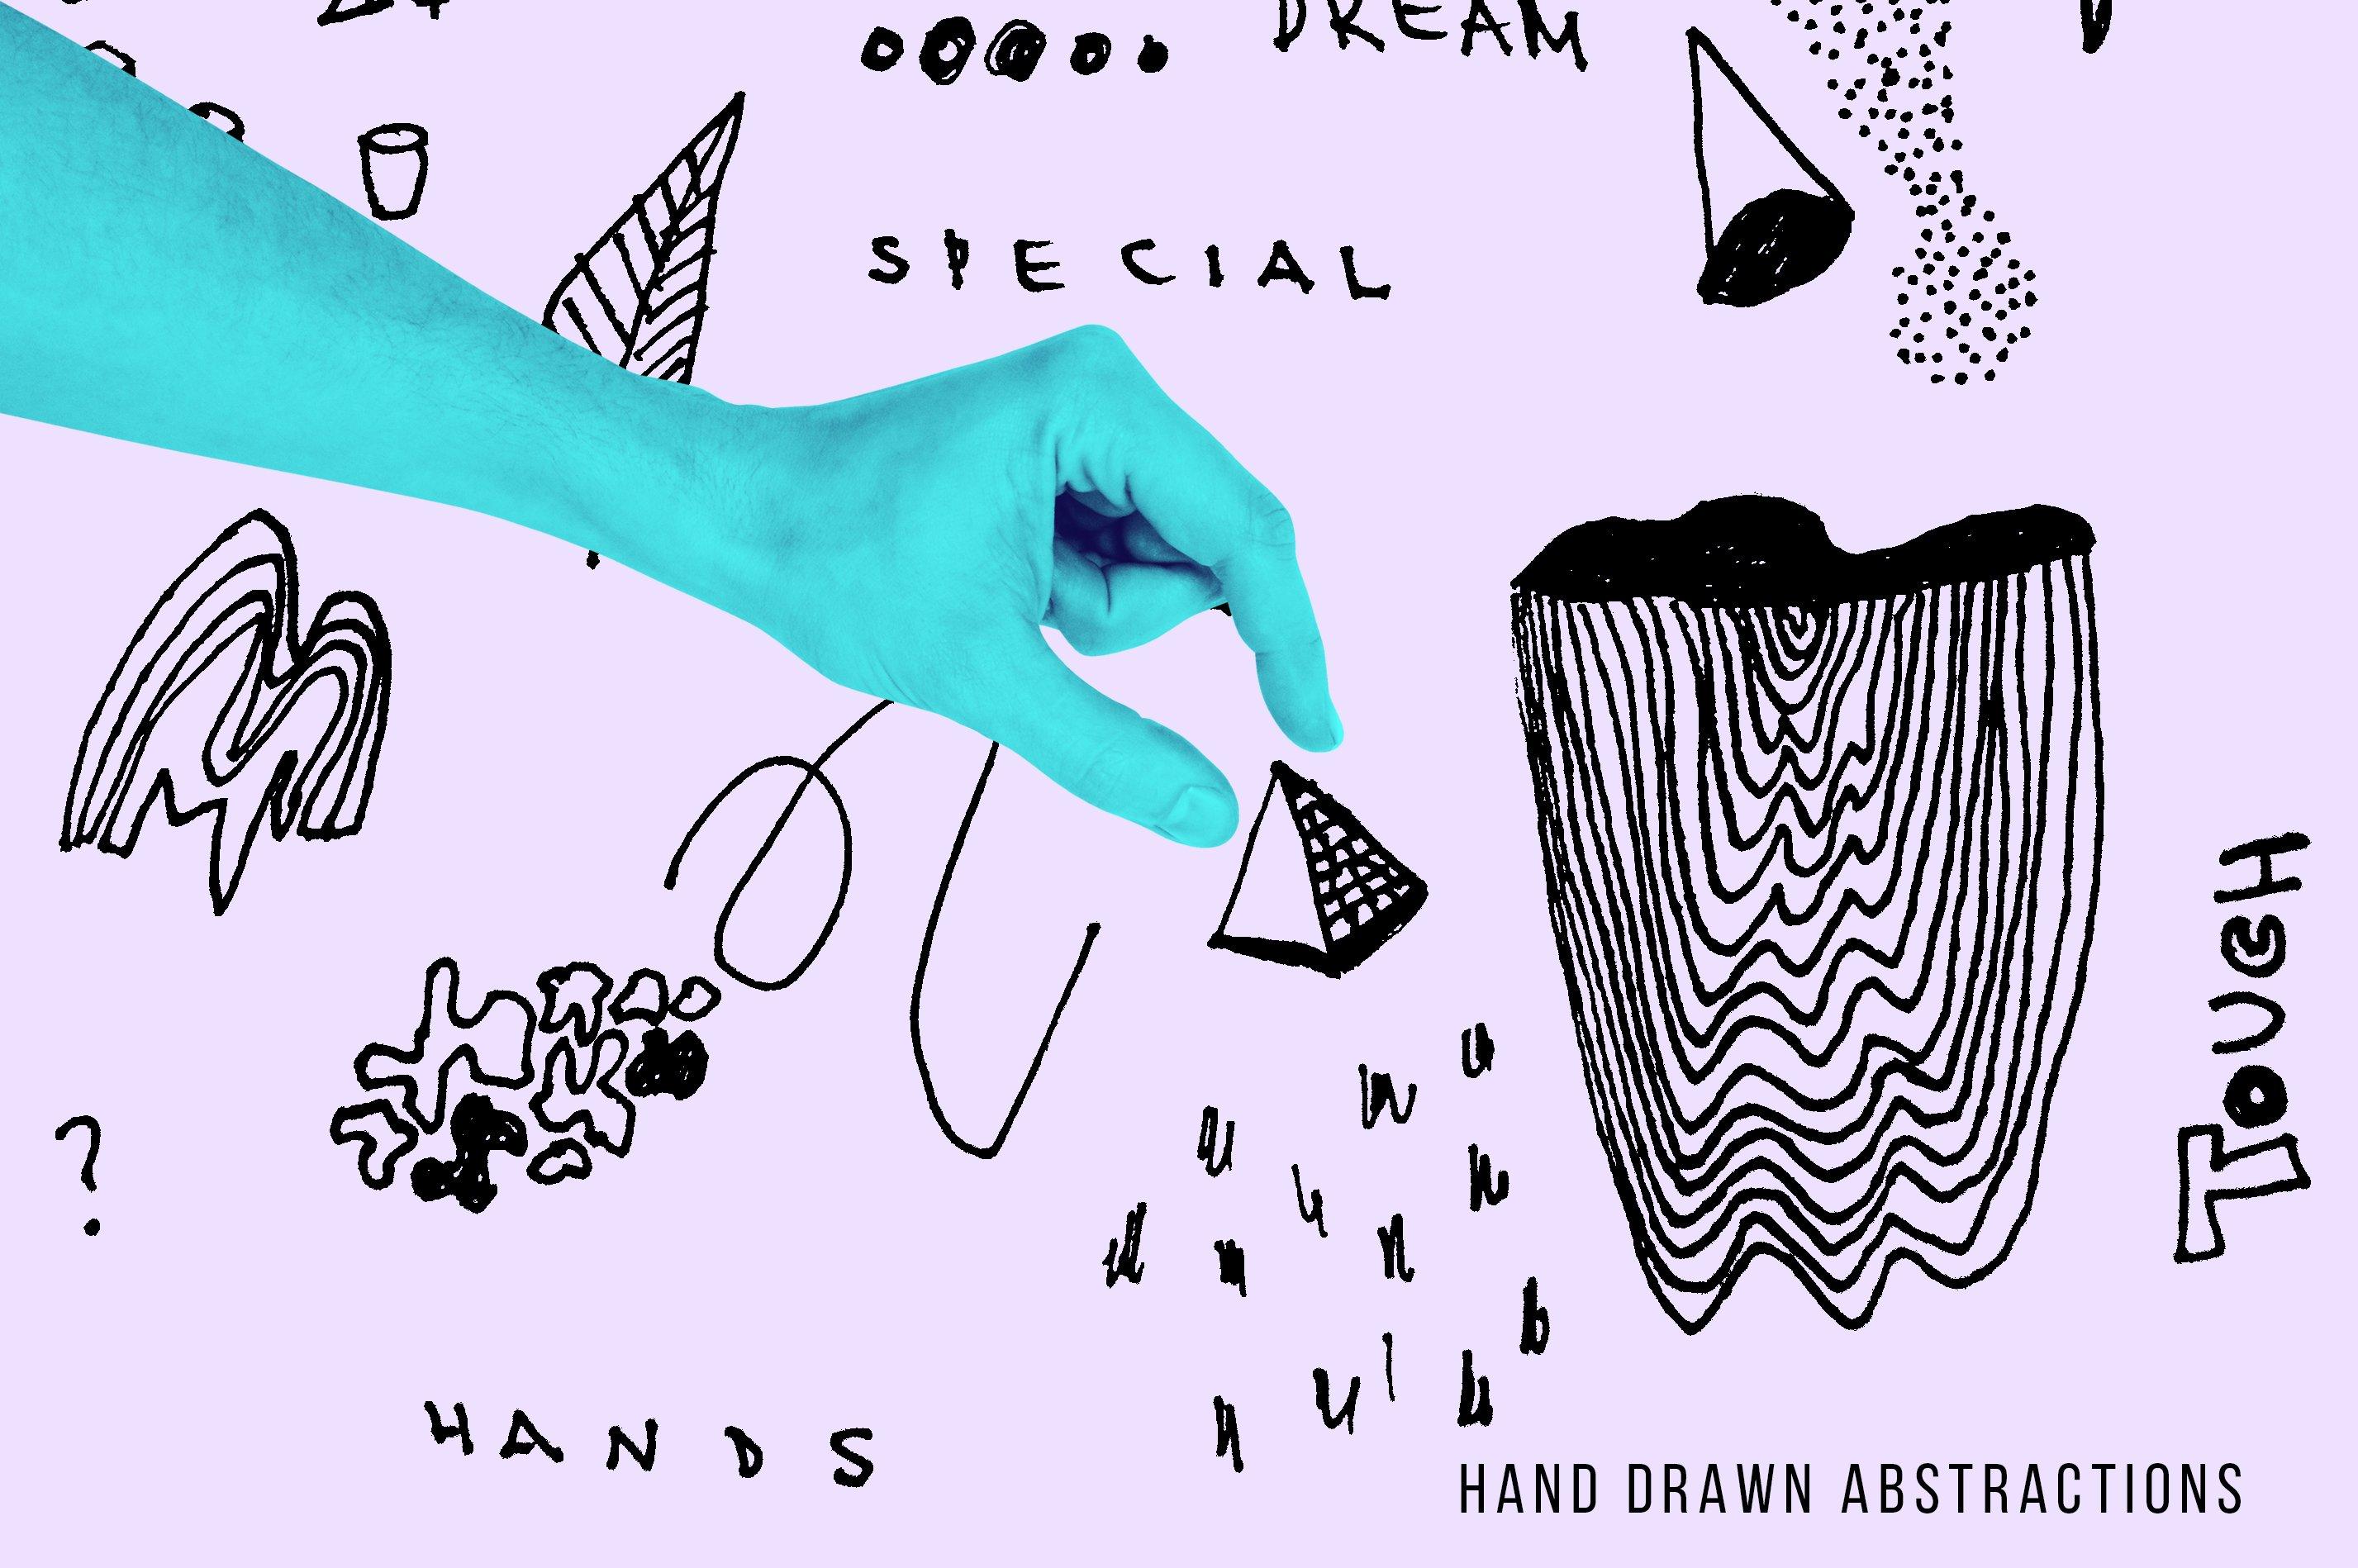 [淘宝购买] 抽象手绘矢量图形手势图片平面海报设计素材集合 Abstract Hands Pattern插图(7)